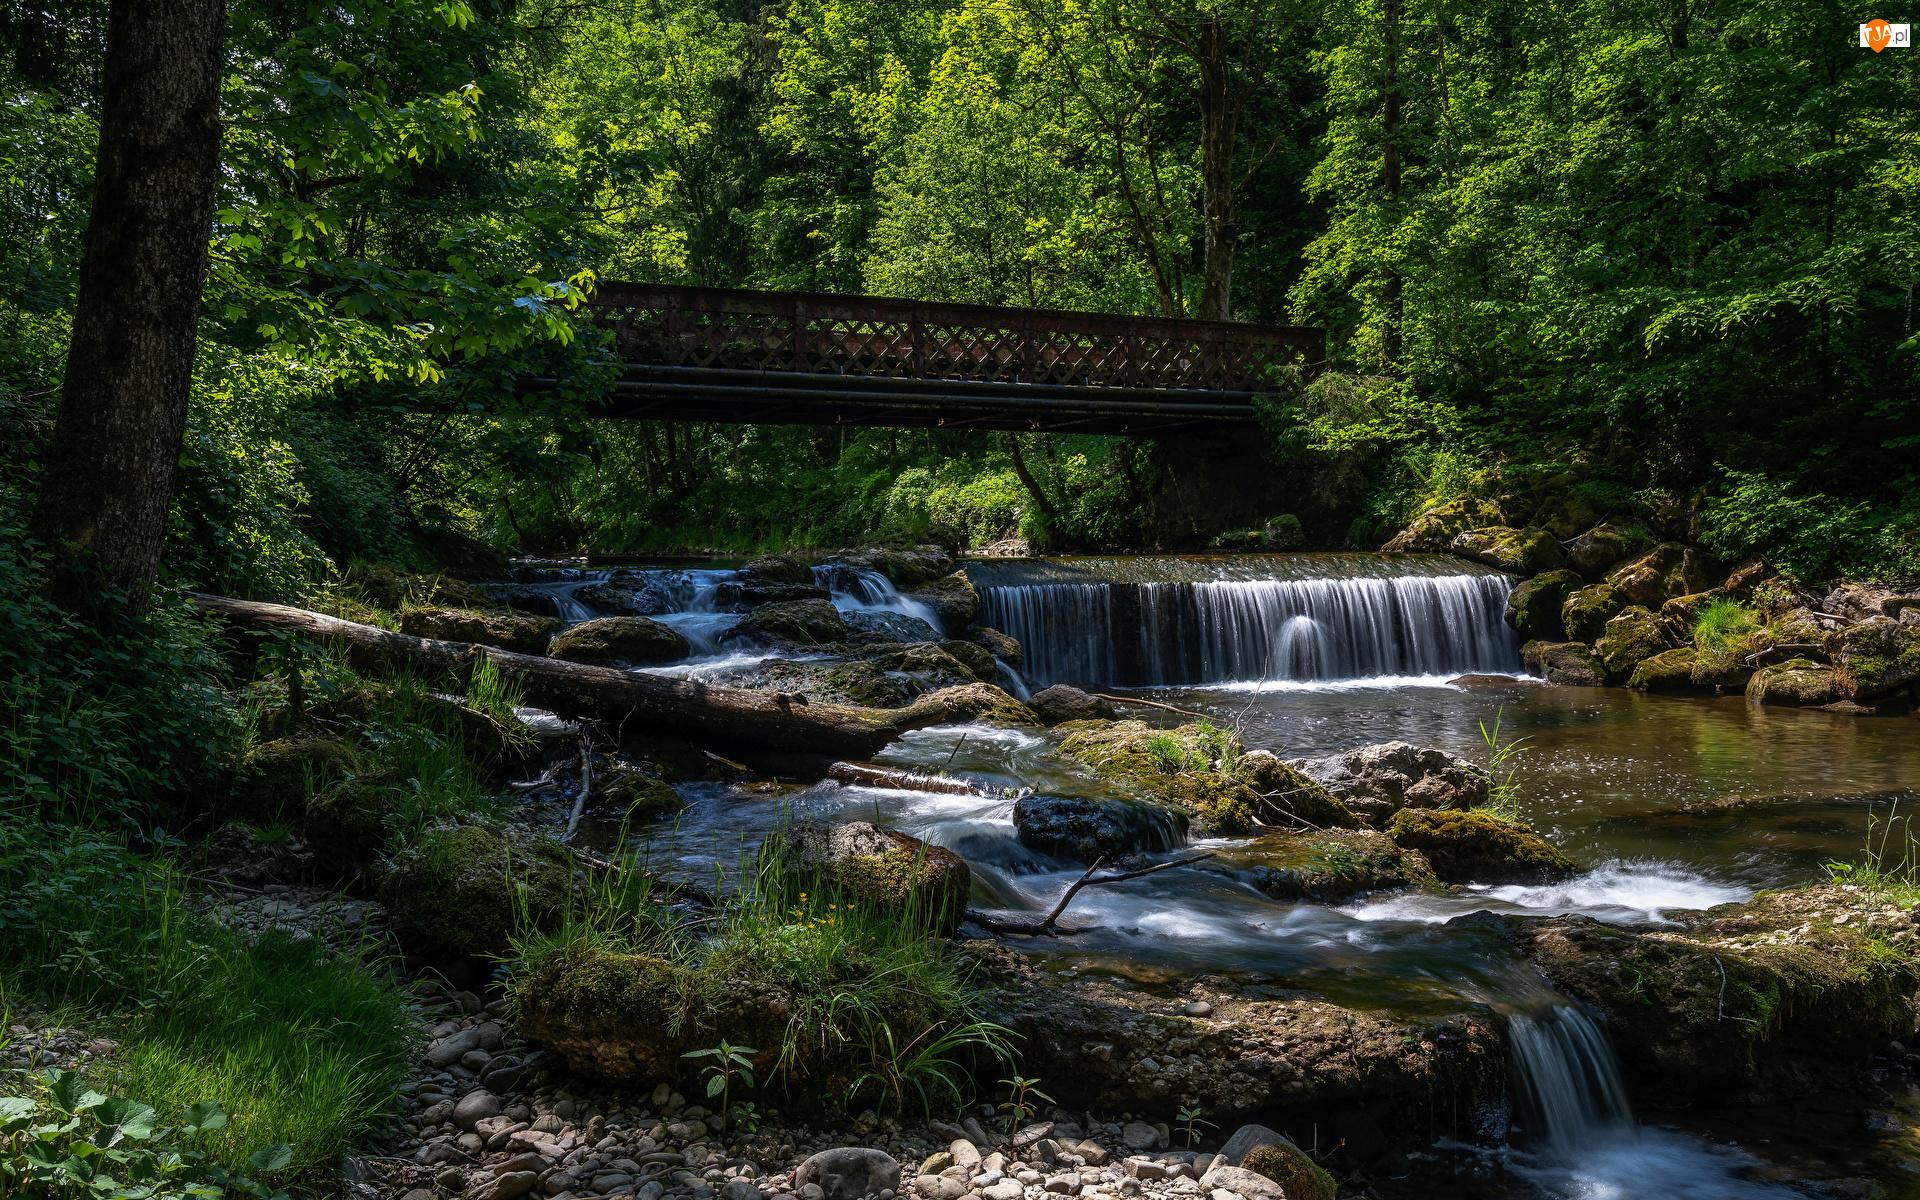 Rzeka, Kamienie, Drzewa, Las, Most